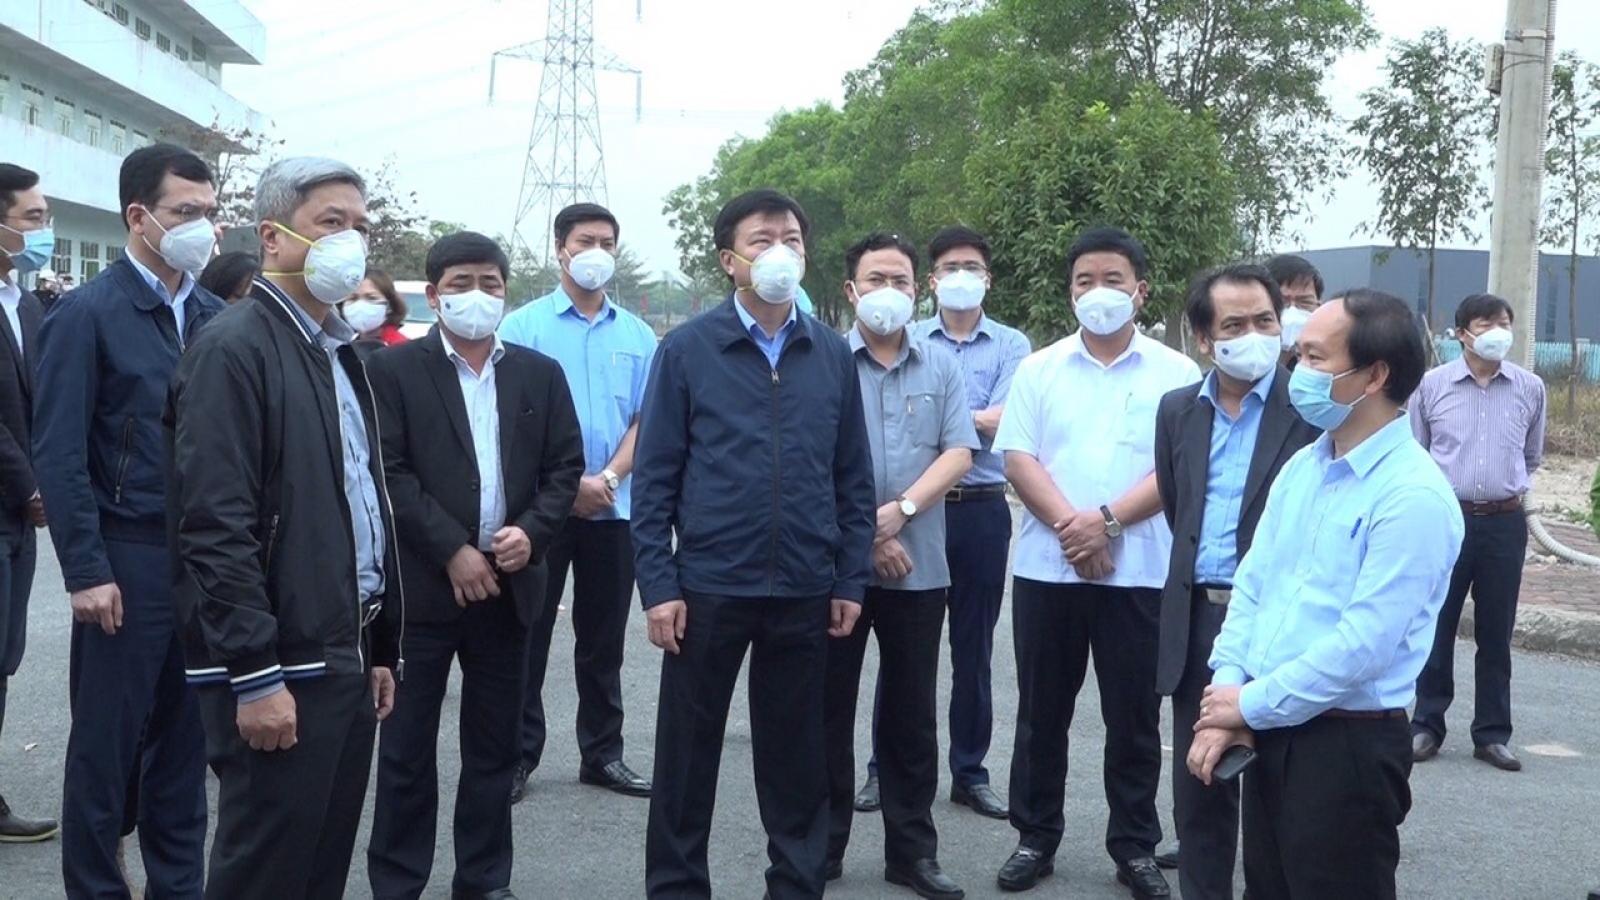 Thứ trưởng Bộ Y tế: Cần hết sức quan tâm tới ổ dịch tại Cẩm Giàng và TP Hải Dương